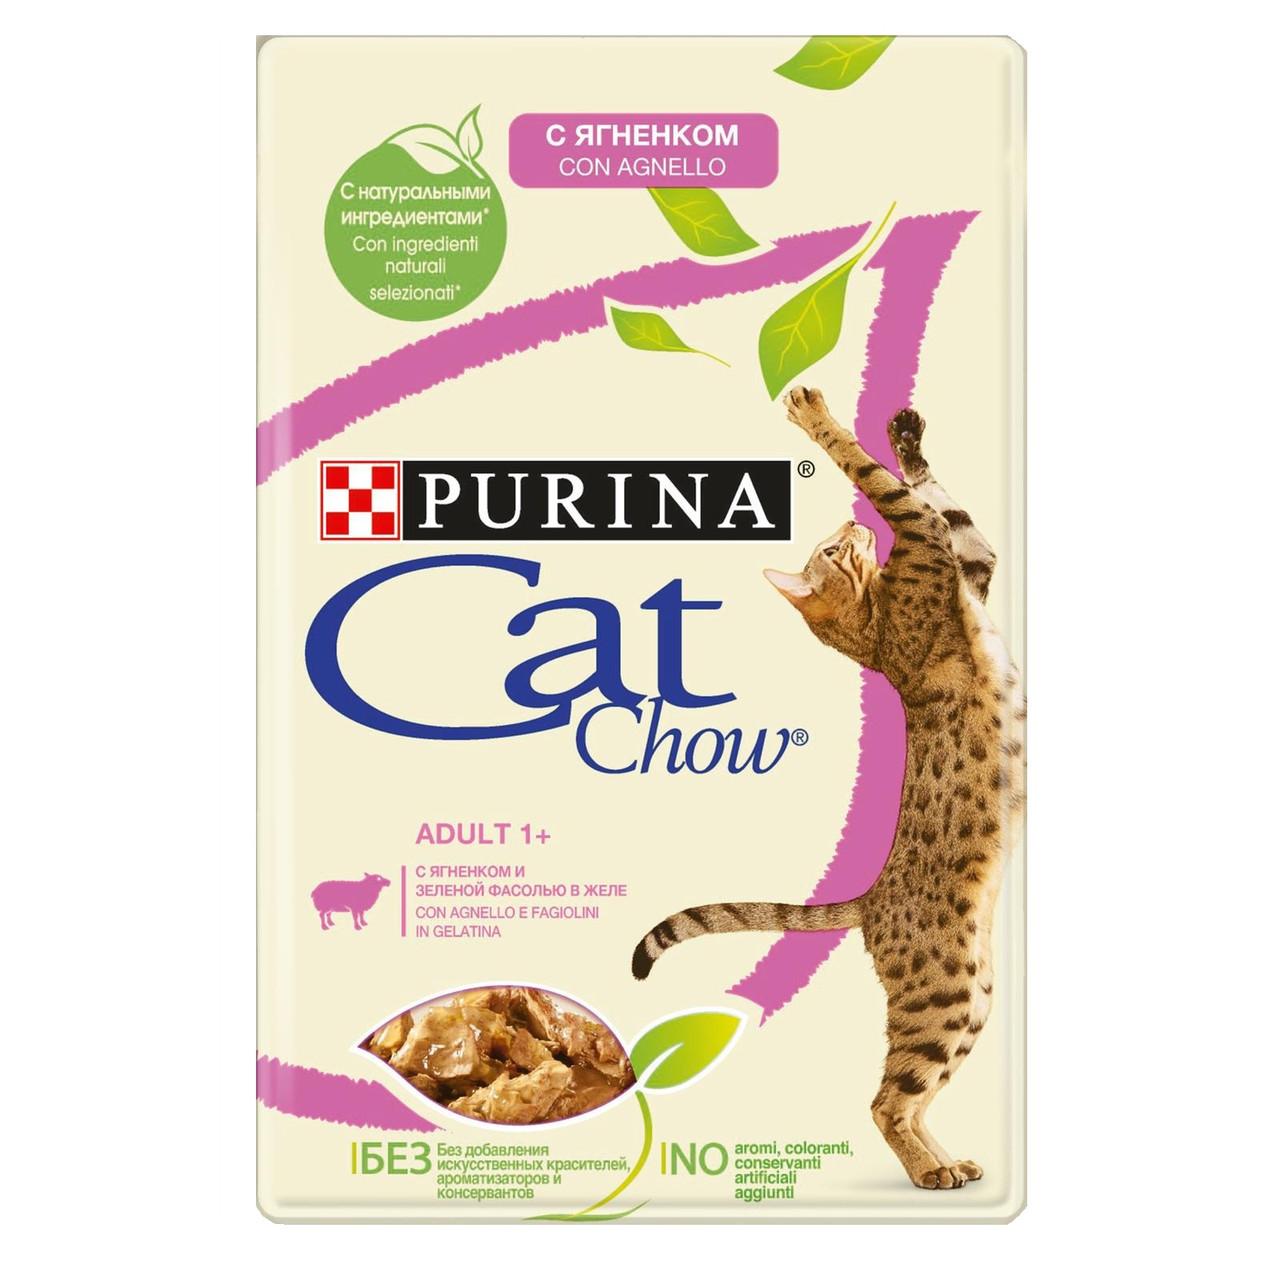 Cat Chow Adult для взрослых кошек, с ягненком и зеленой фасолью в желе, пауч 85гр.